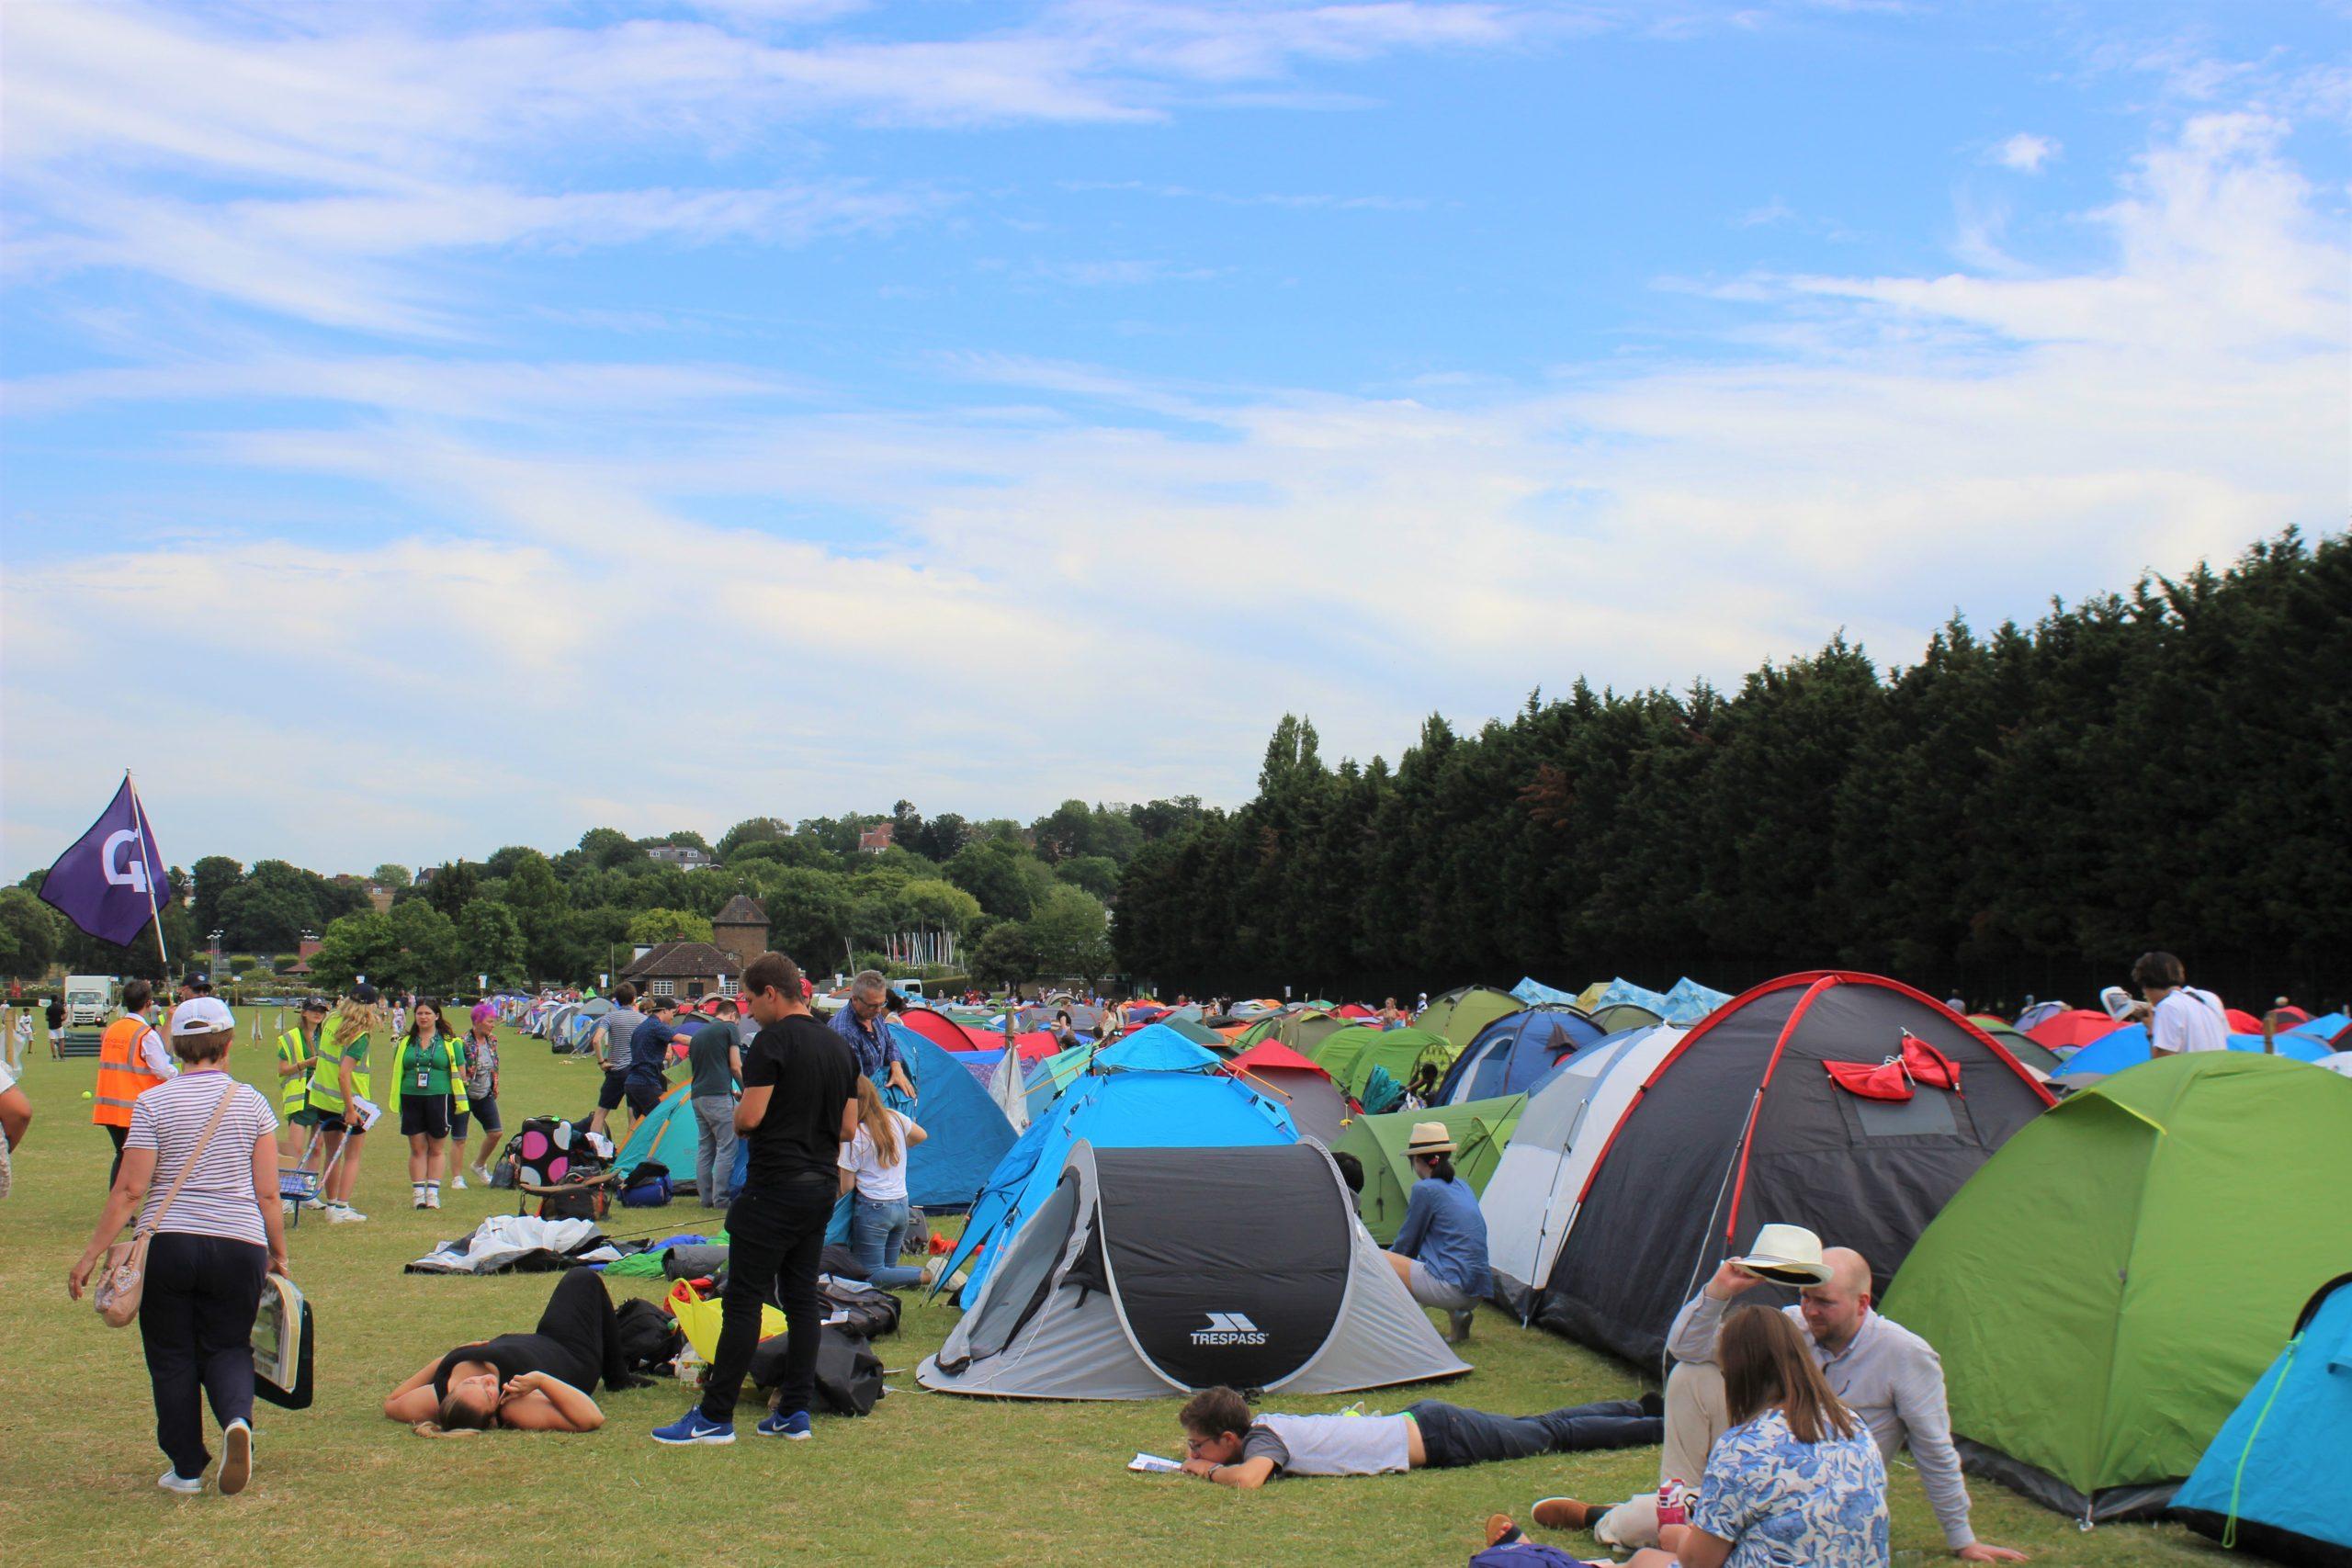 ウィンブルドンでキャンプをして当日券を手に入れる